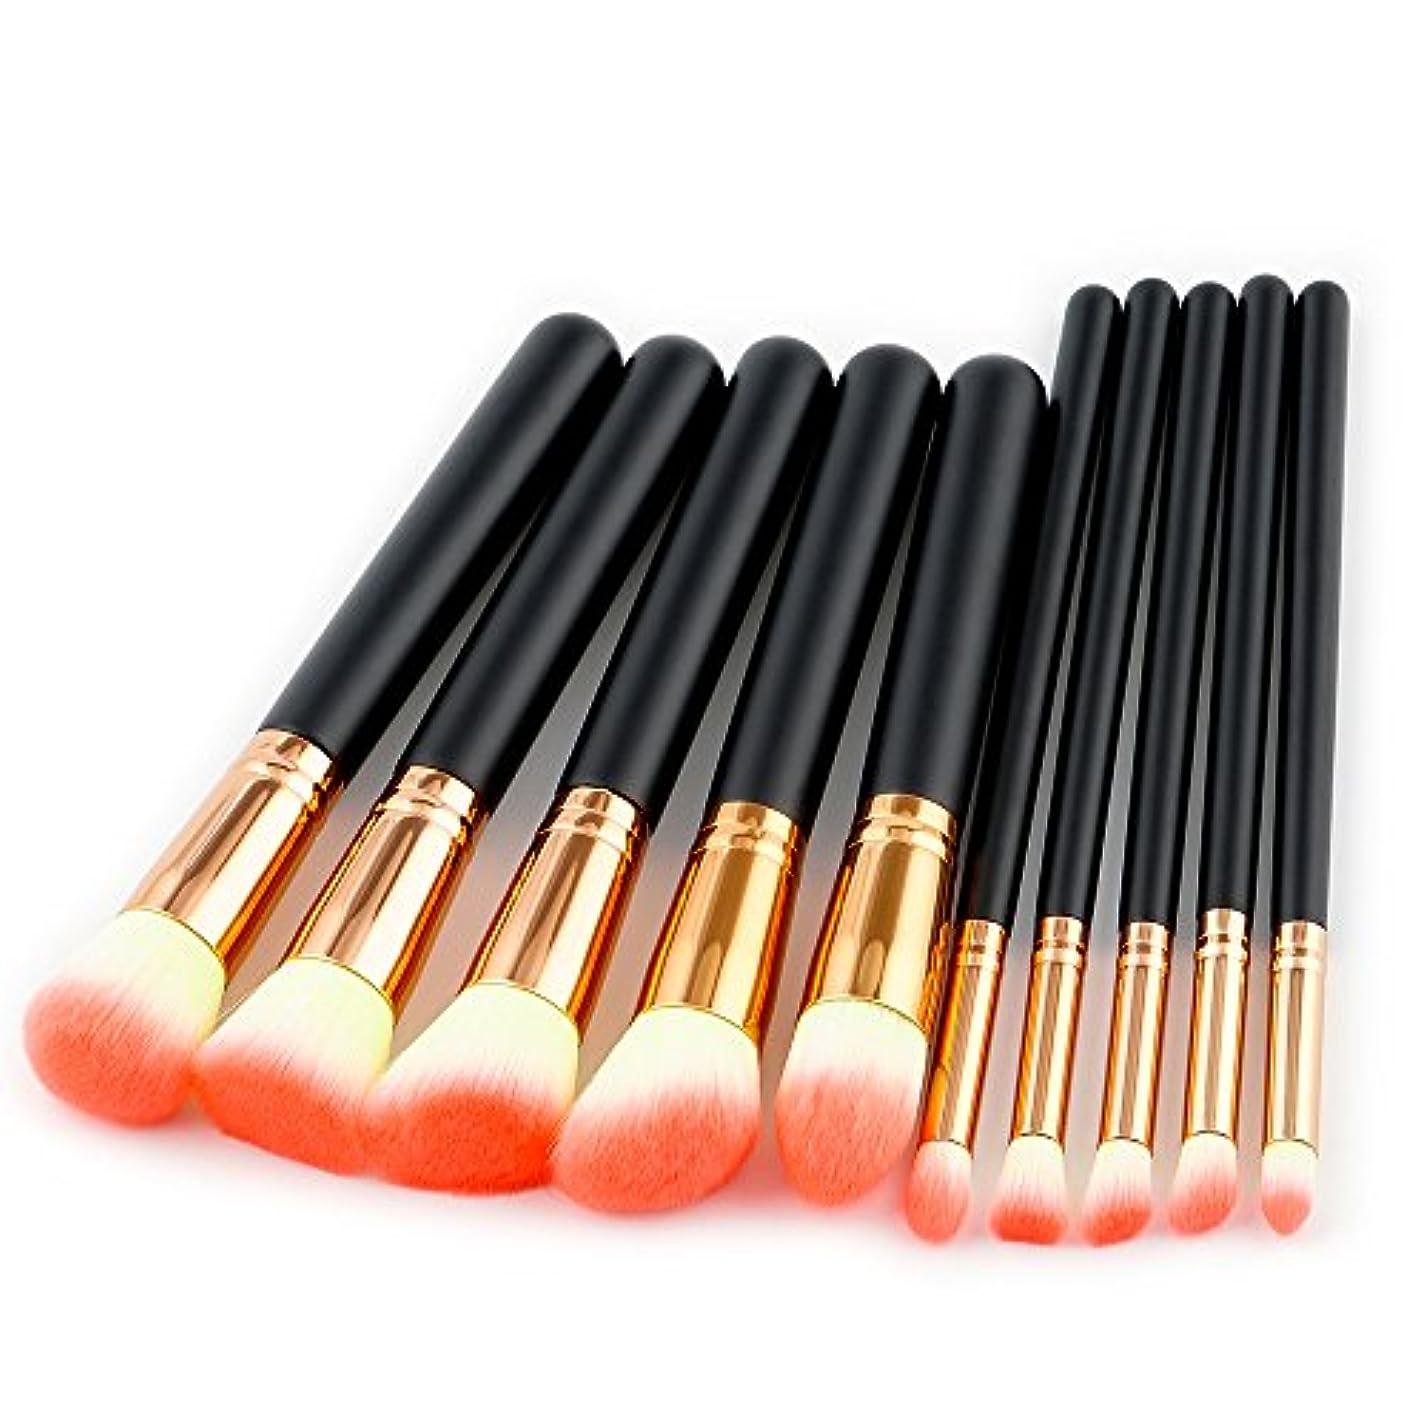 ホーム天才の面ではAkane 10本 ファッション おしゃれ 多機能 たっぷり オレンジ 高級 綺麗 柔らかい 美感 上等 激安 日常 仕事 Makeup Brush メイクアップブラシ